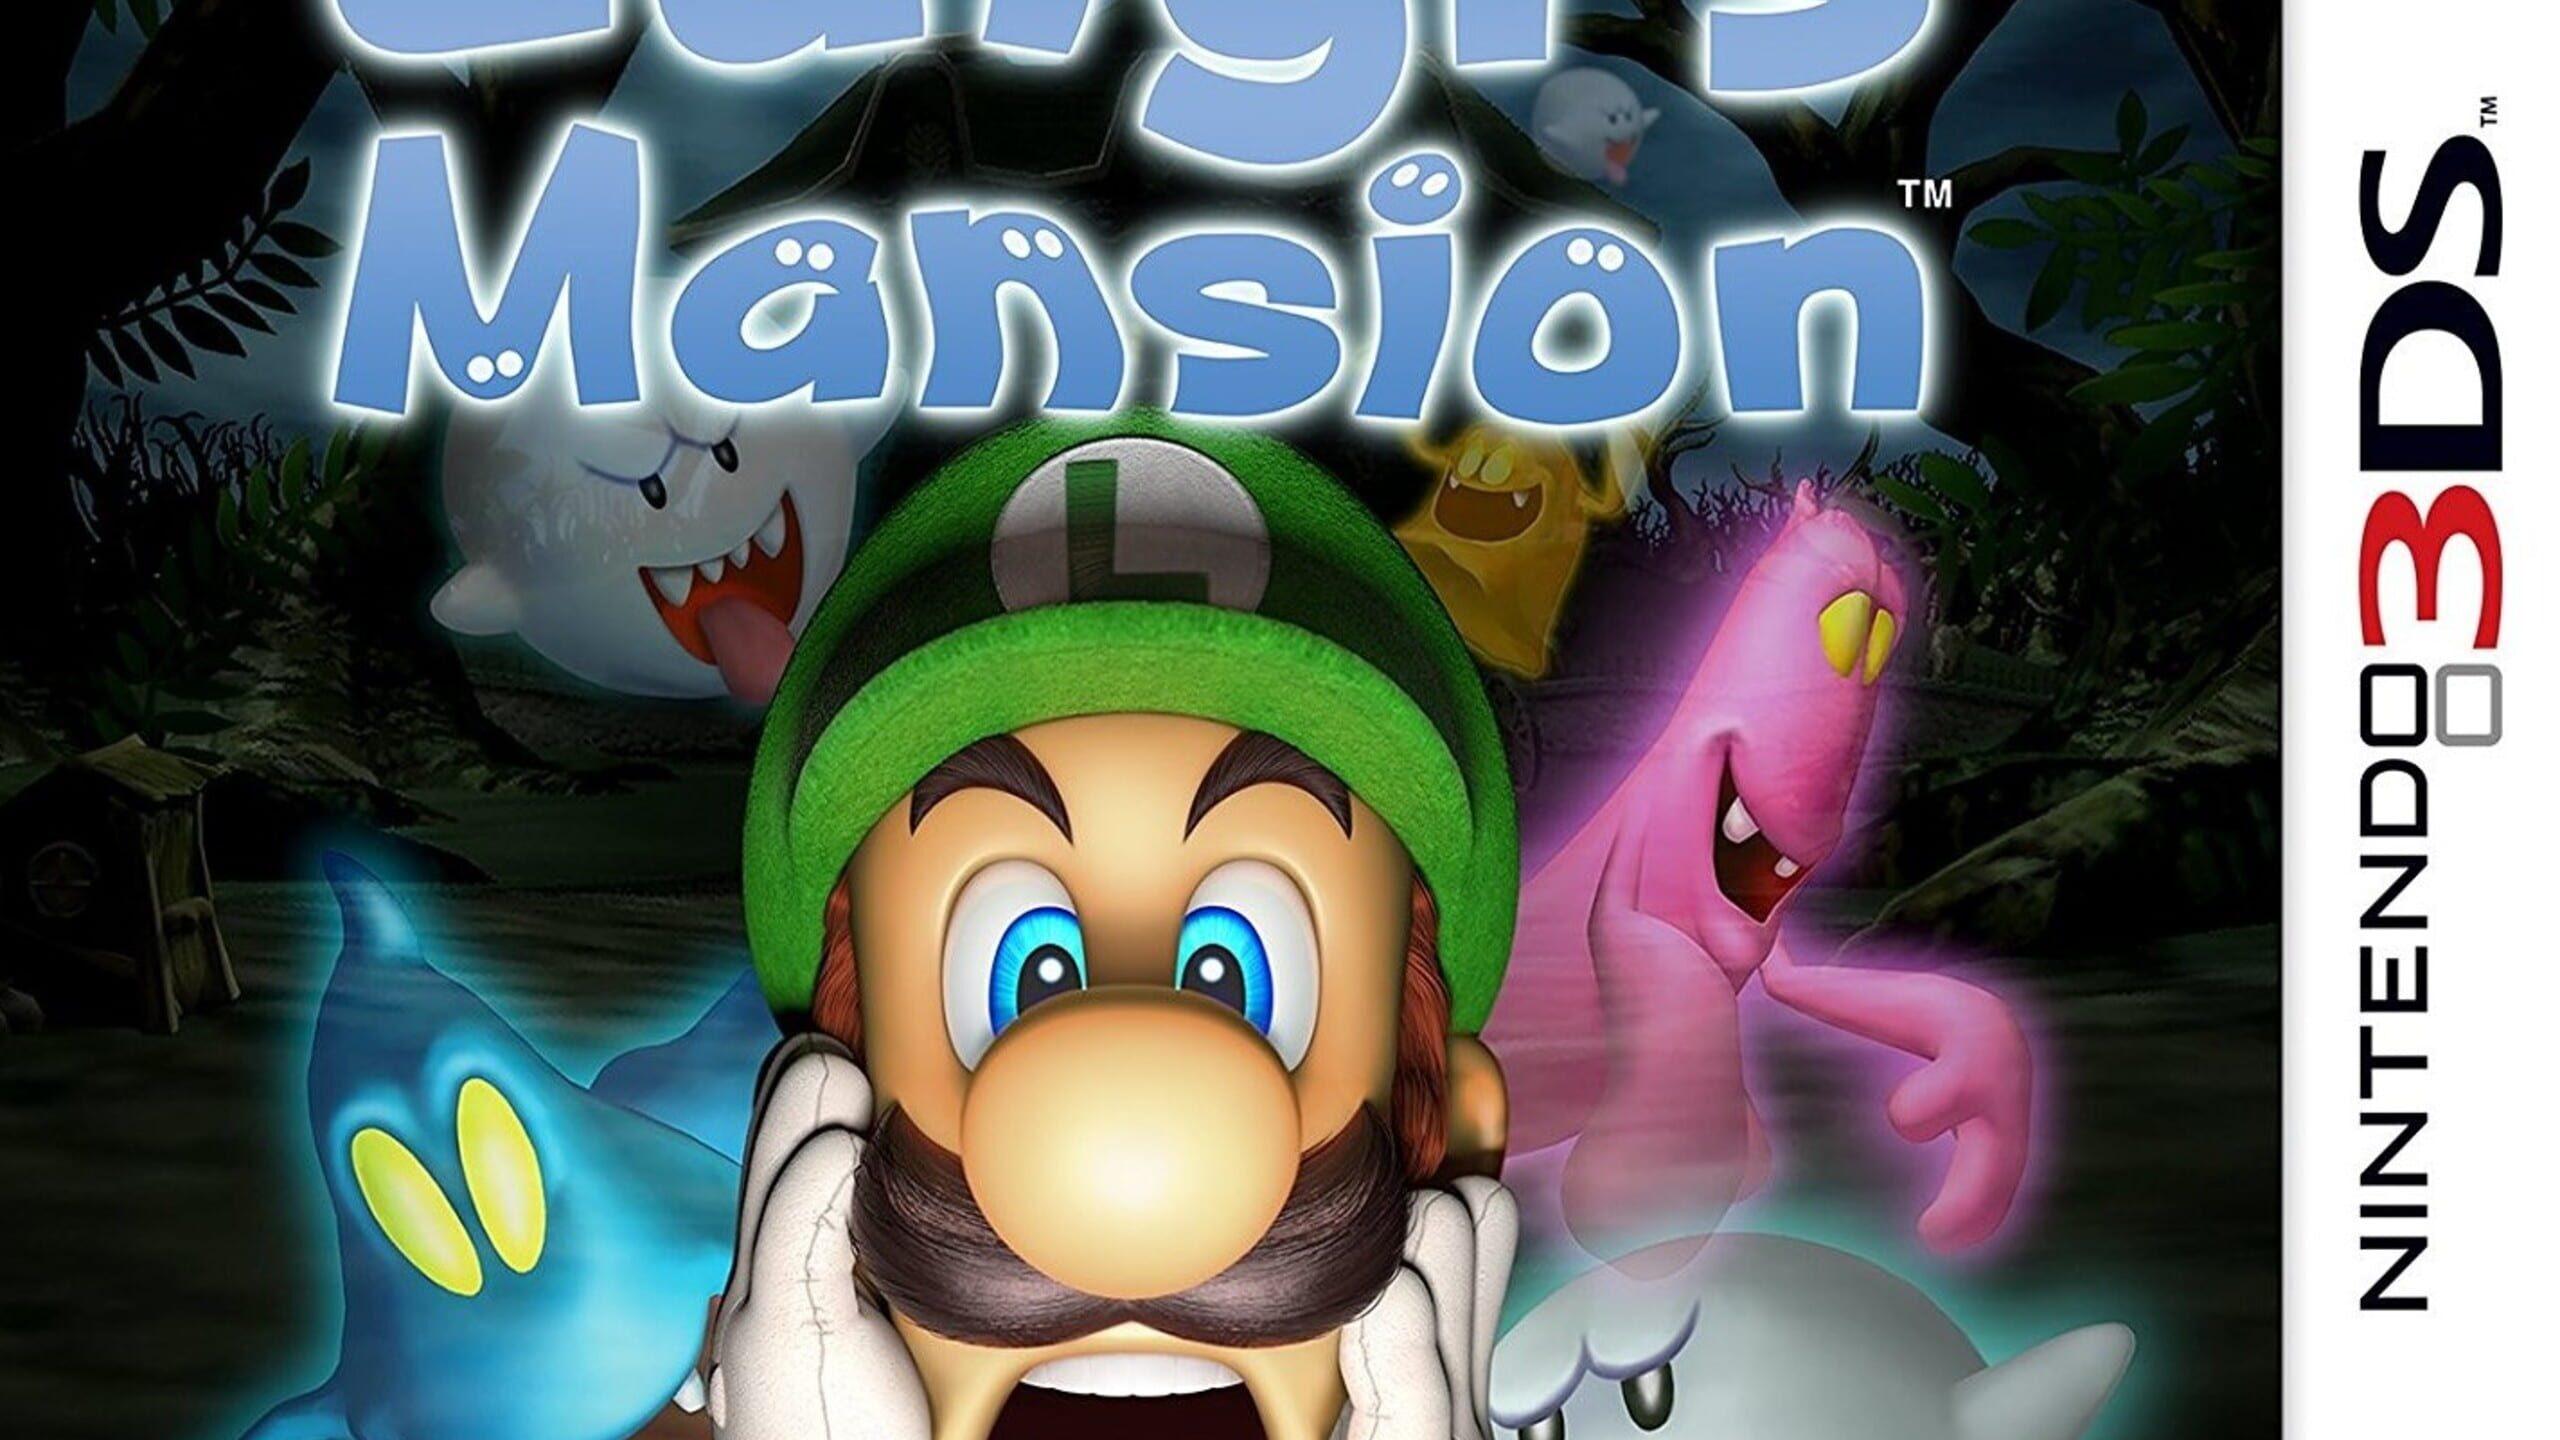 game cover art for Luigi's Mansion